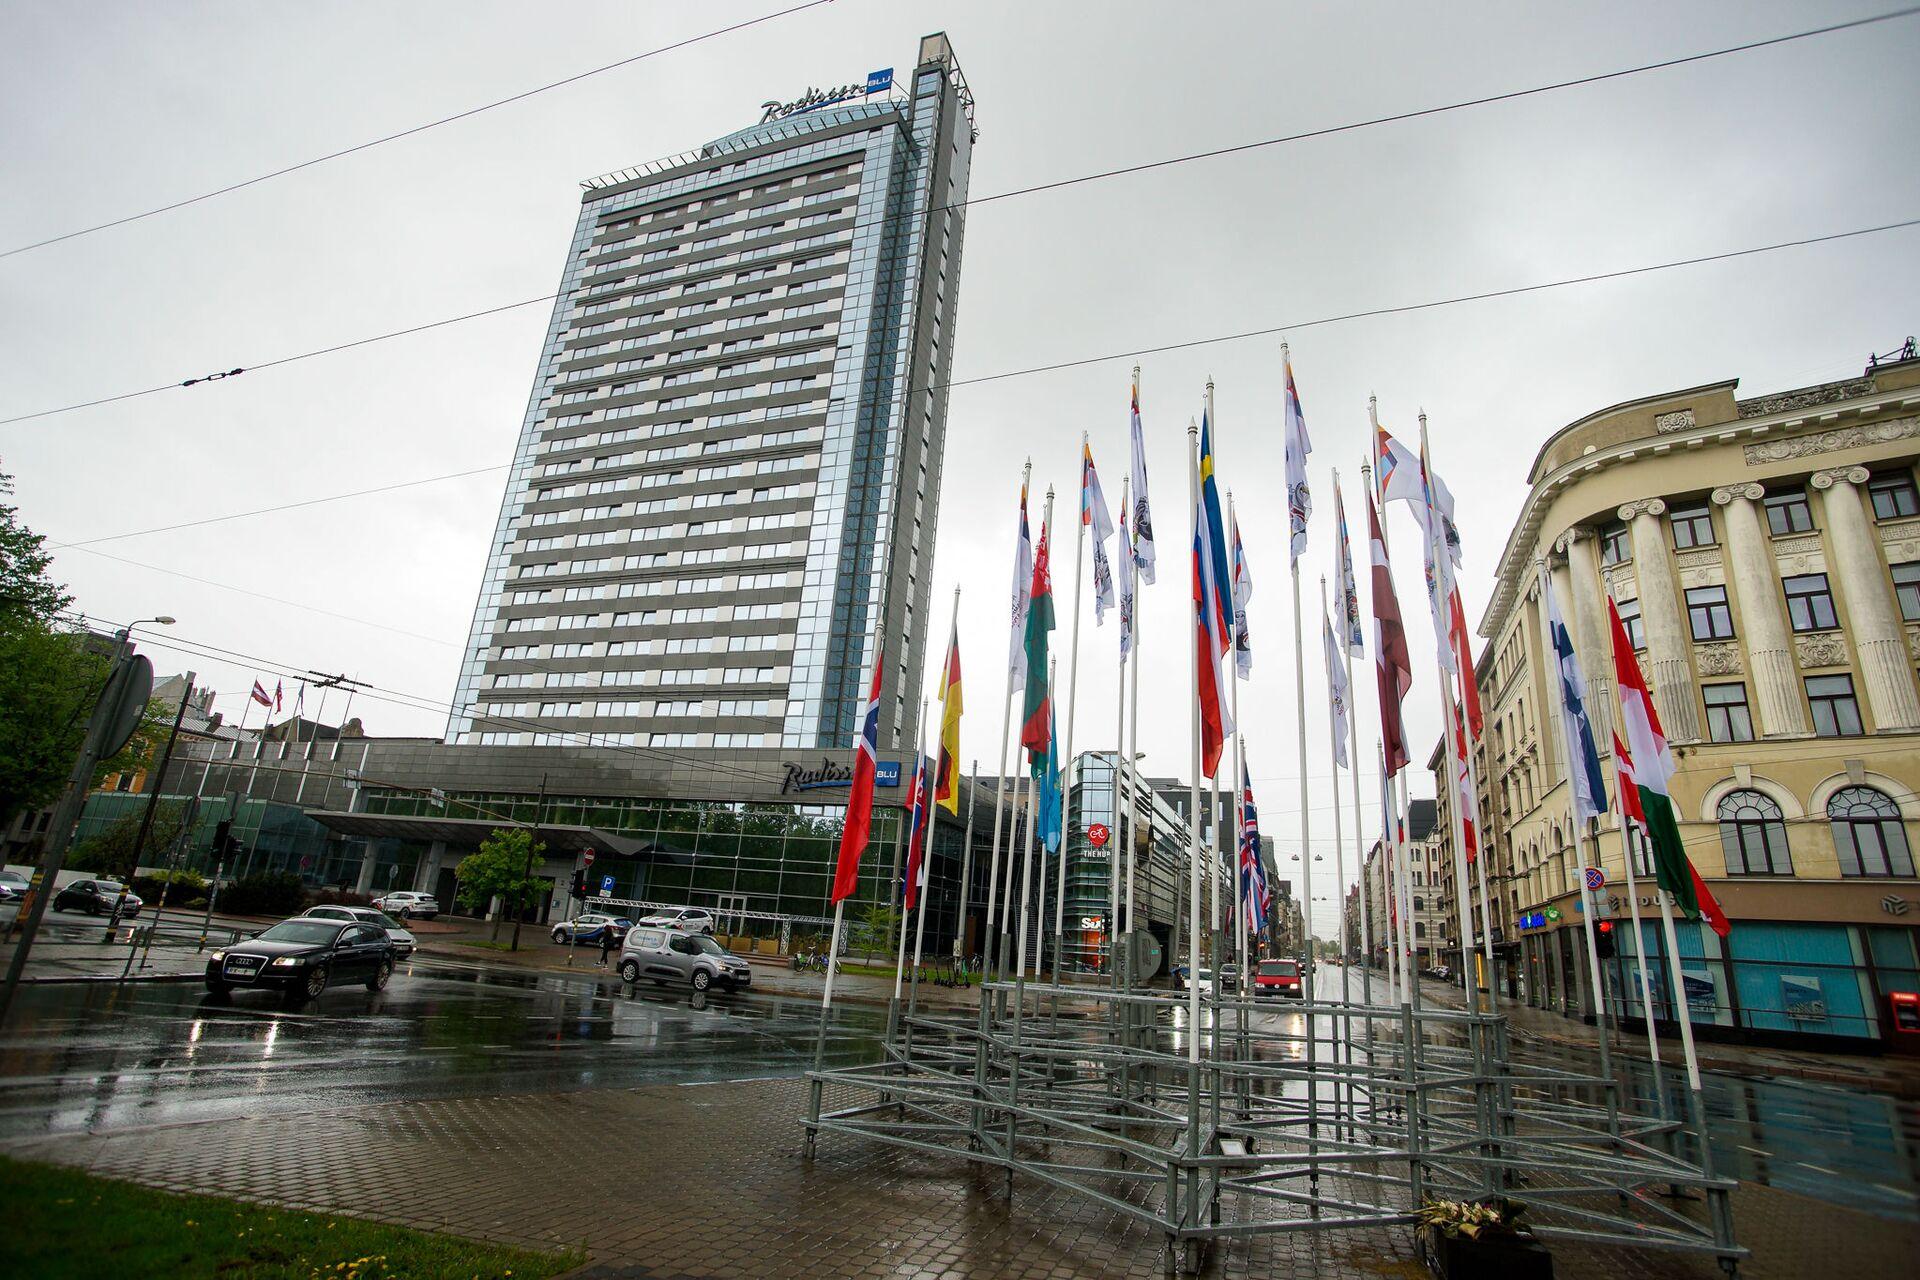 Гостиница Radisson Blu Hotel Latvija, где будут проживать участники Чемпионата мира - 2021 по хоккею в Риге - Sputnik Латвия, 1920, 01.06.2021